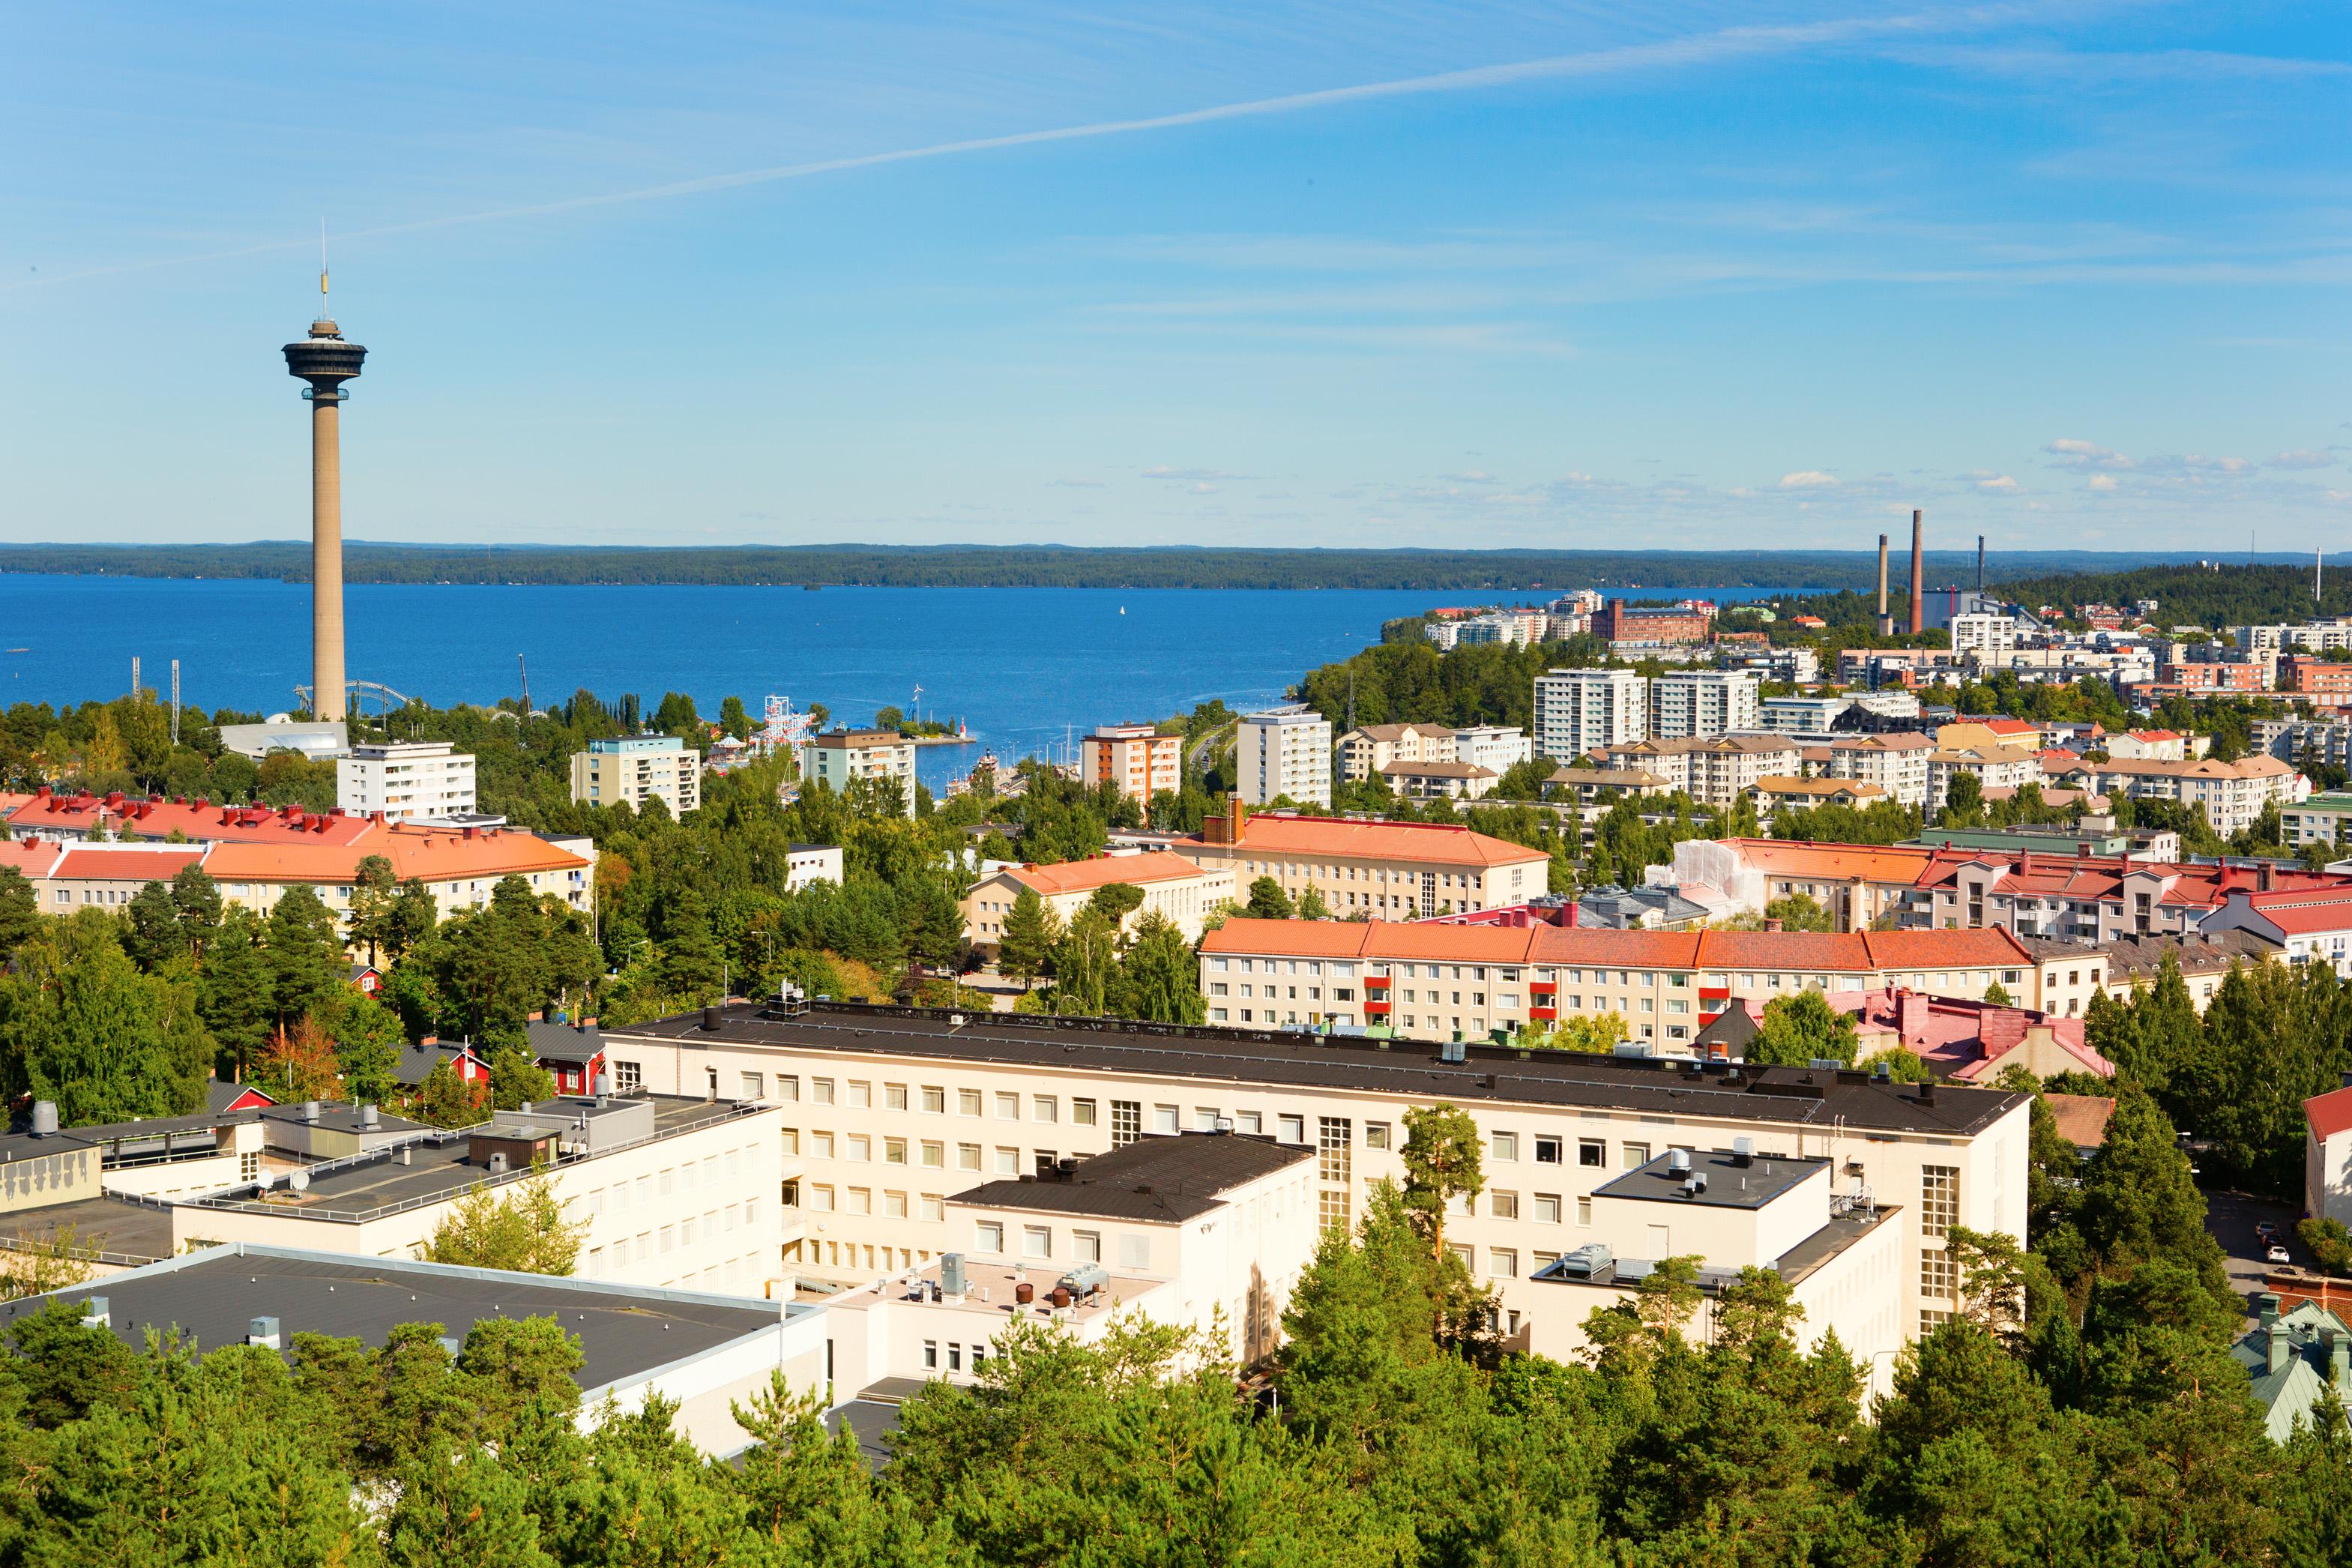 Tredje størst og TV-tårn som landemerke. Mye er likt mellom Tampere og Trondheim. Men arbeidsledigheten er høy hos våre finske venner, særlig blant de unge. Foto: Shutterstock